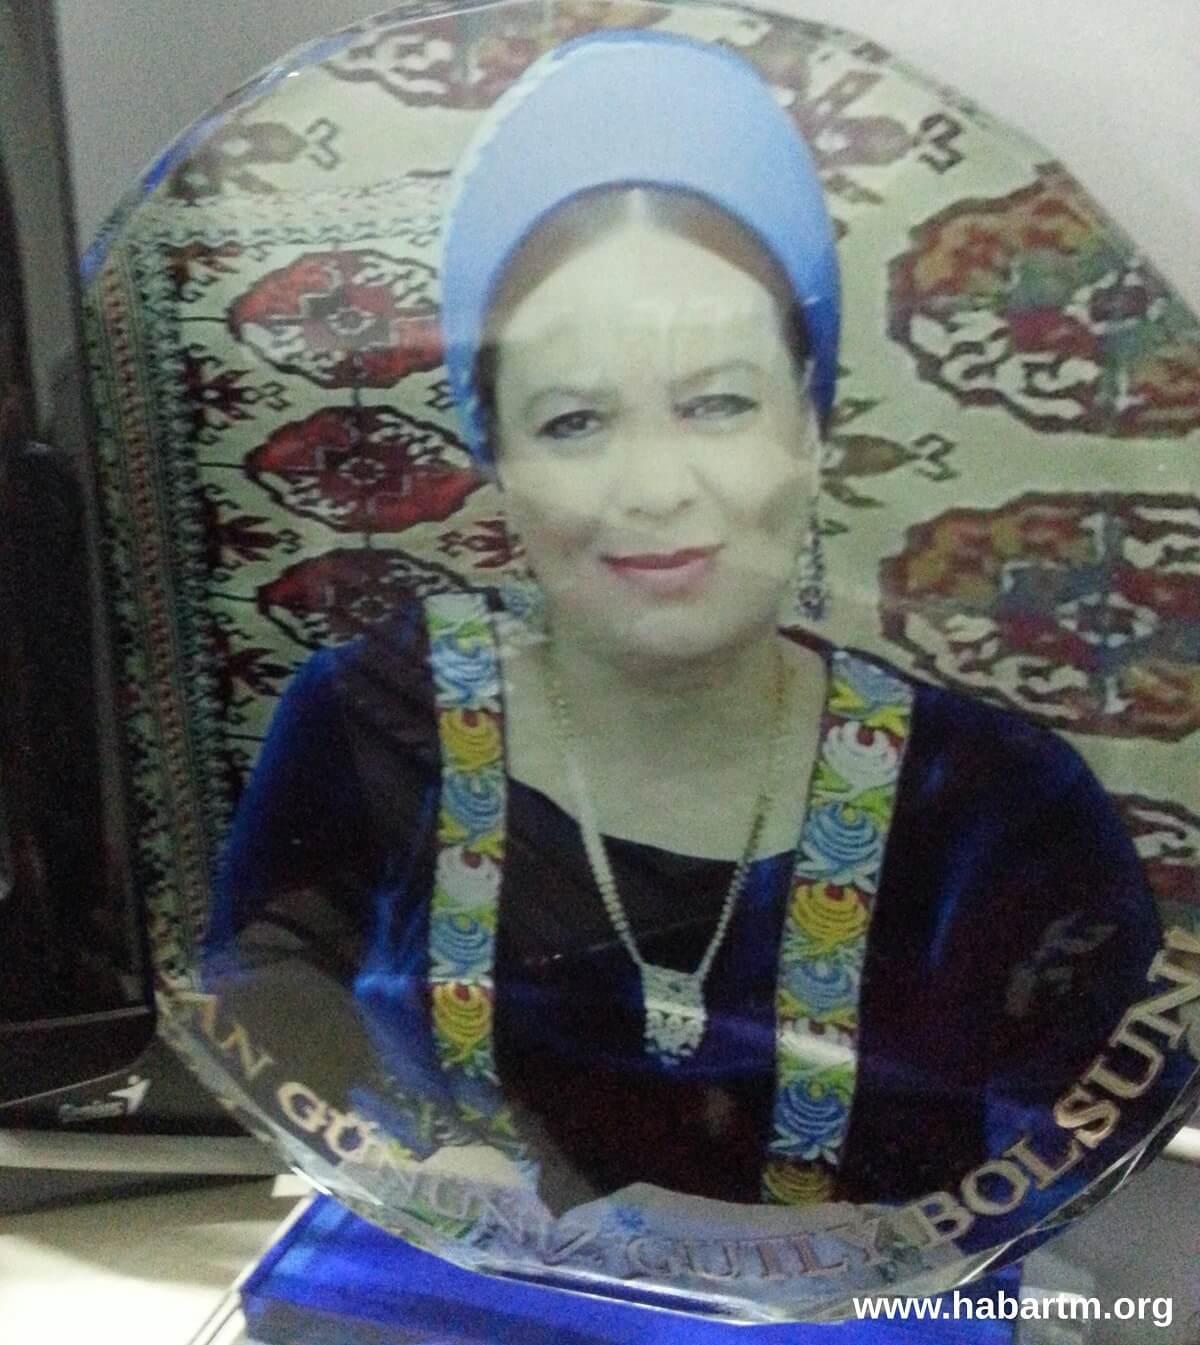 По велению сестры. О ситуации внутри Общества Красного Полумесяца Туркменистана